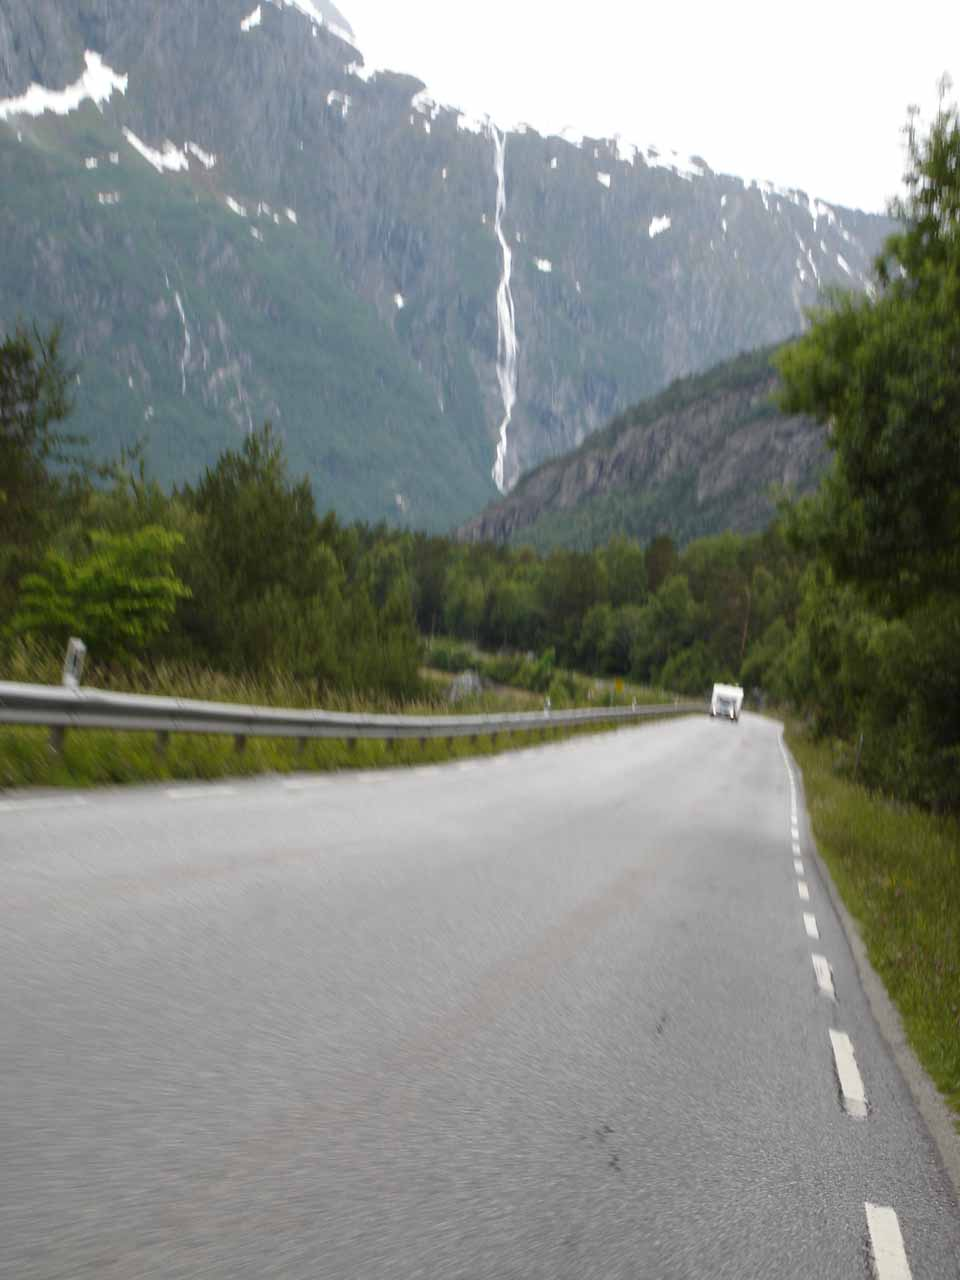 Getting closer to the tall Ølmåafossen